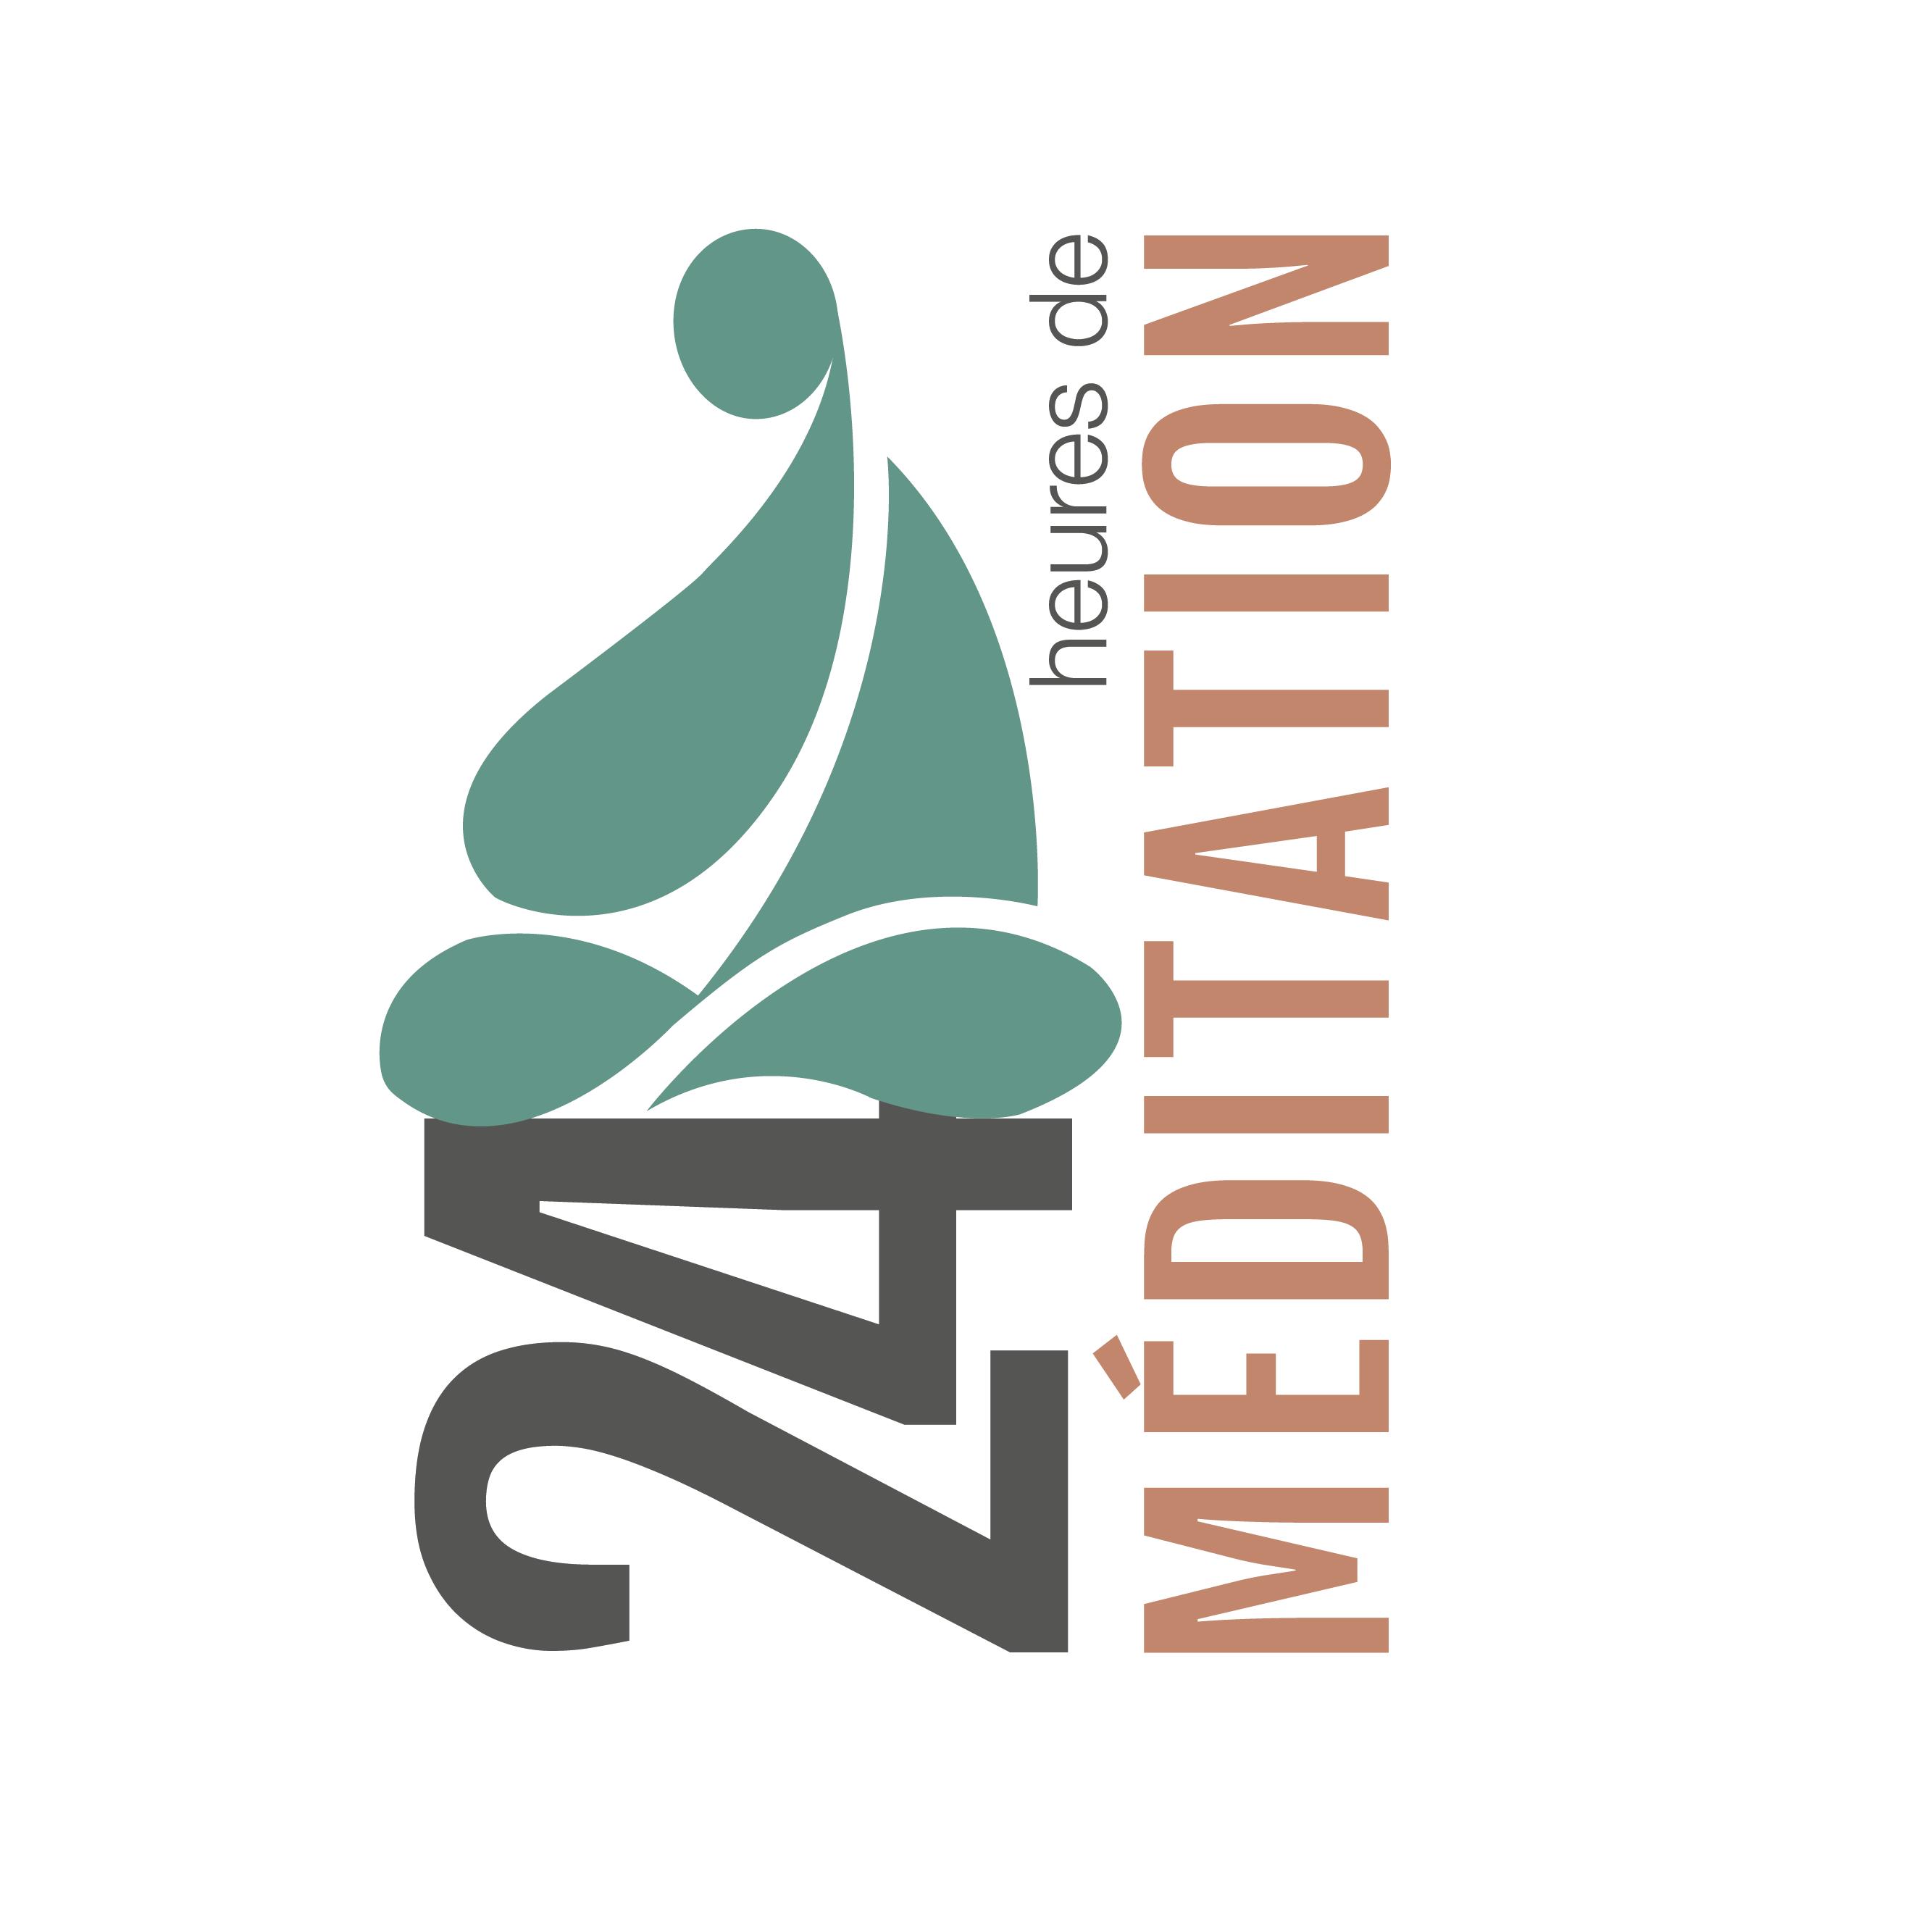 24 HEURES DE MÉDITATION | 5 ANS APRÈS